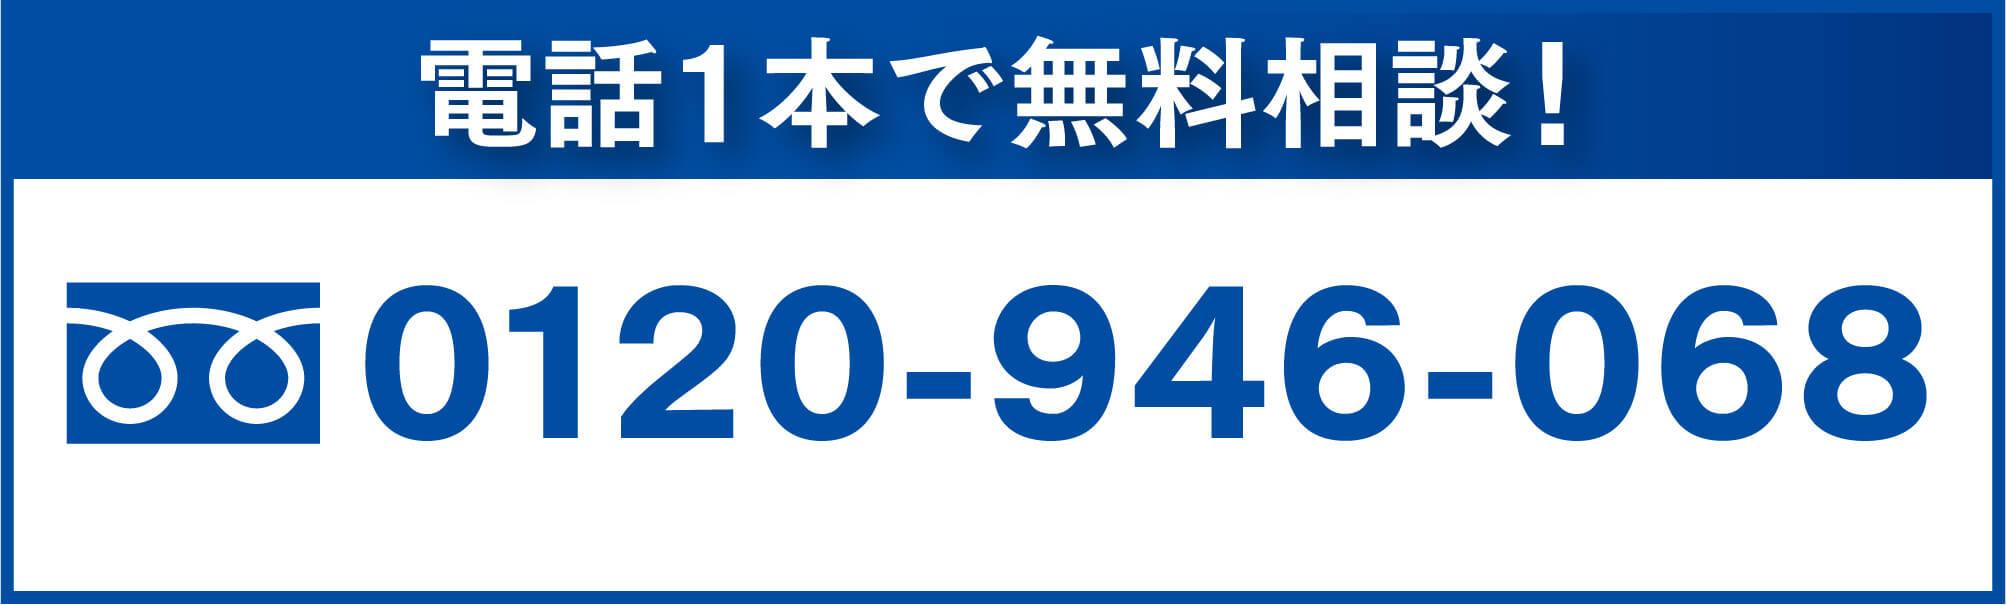 電話1本で無料相談! 0120-946-068